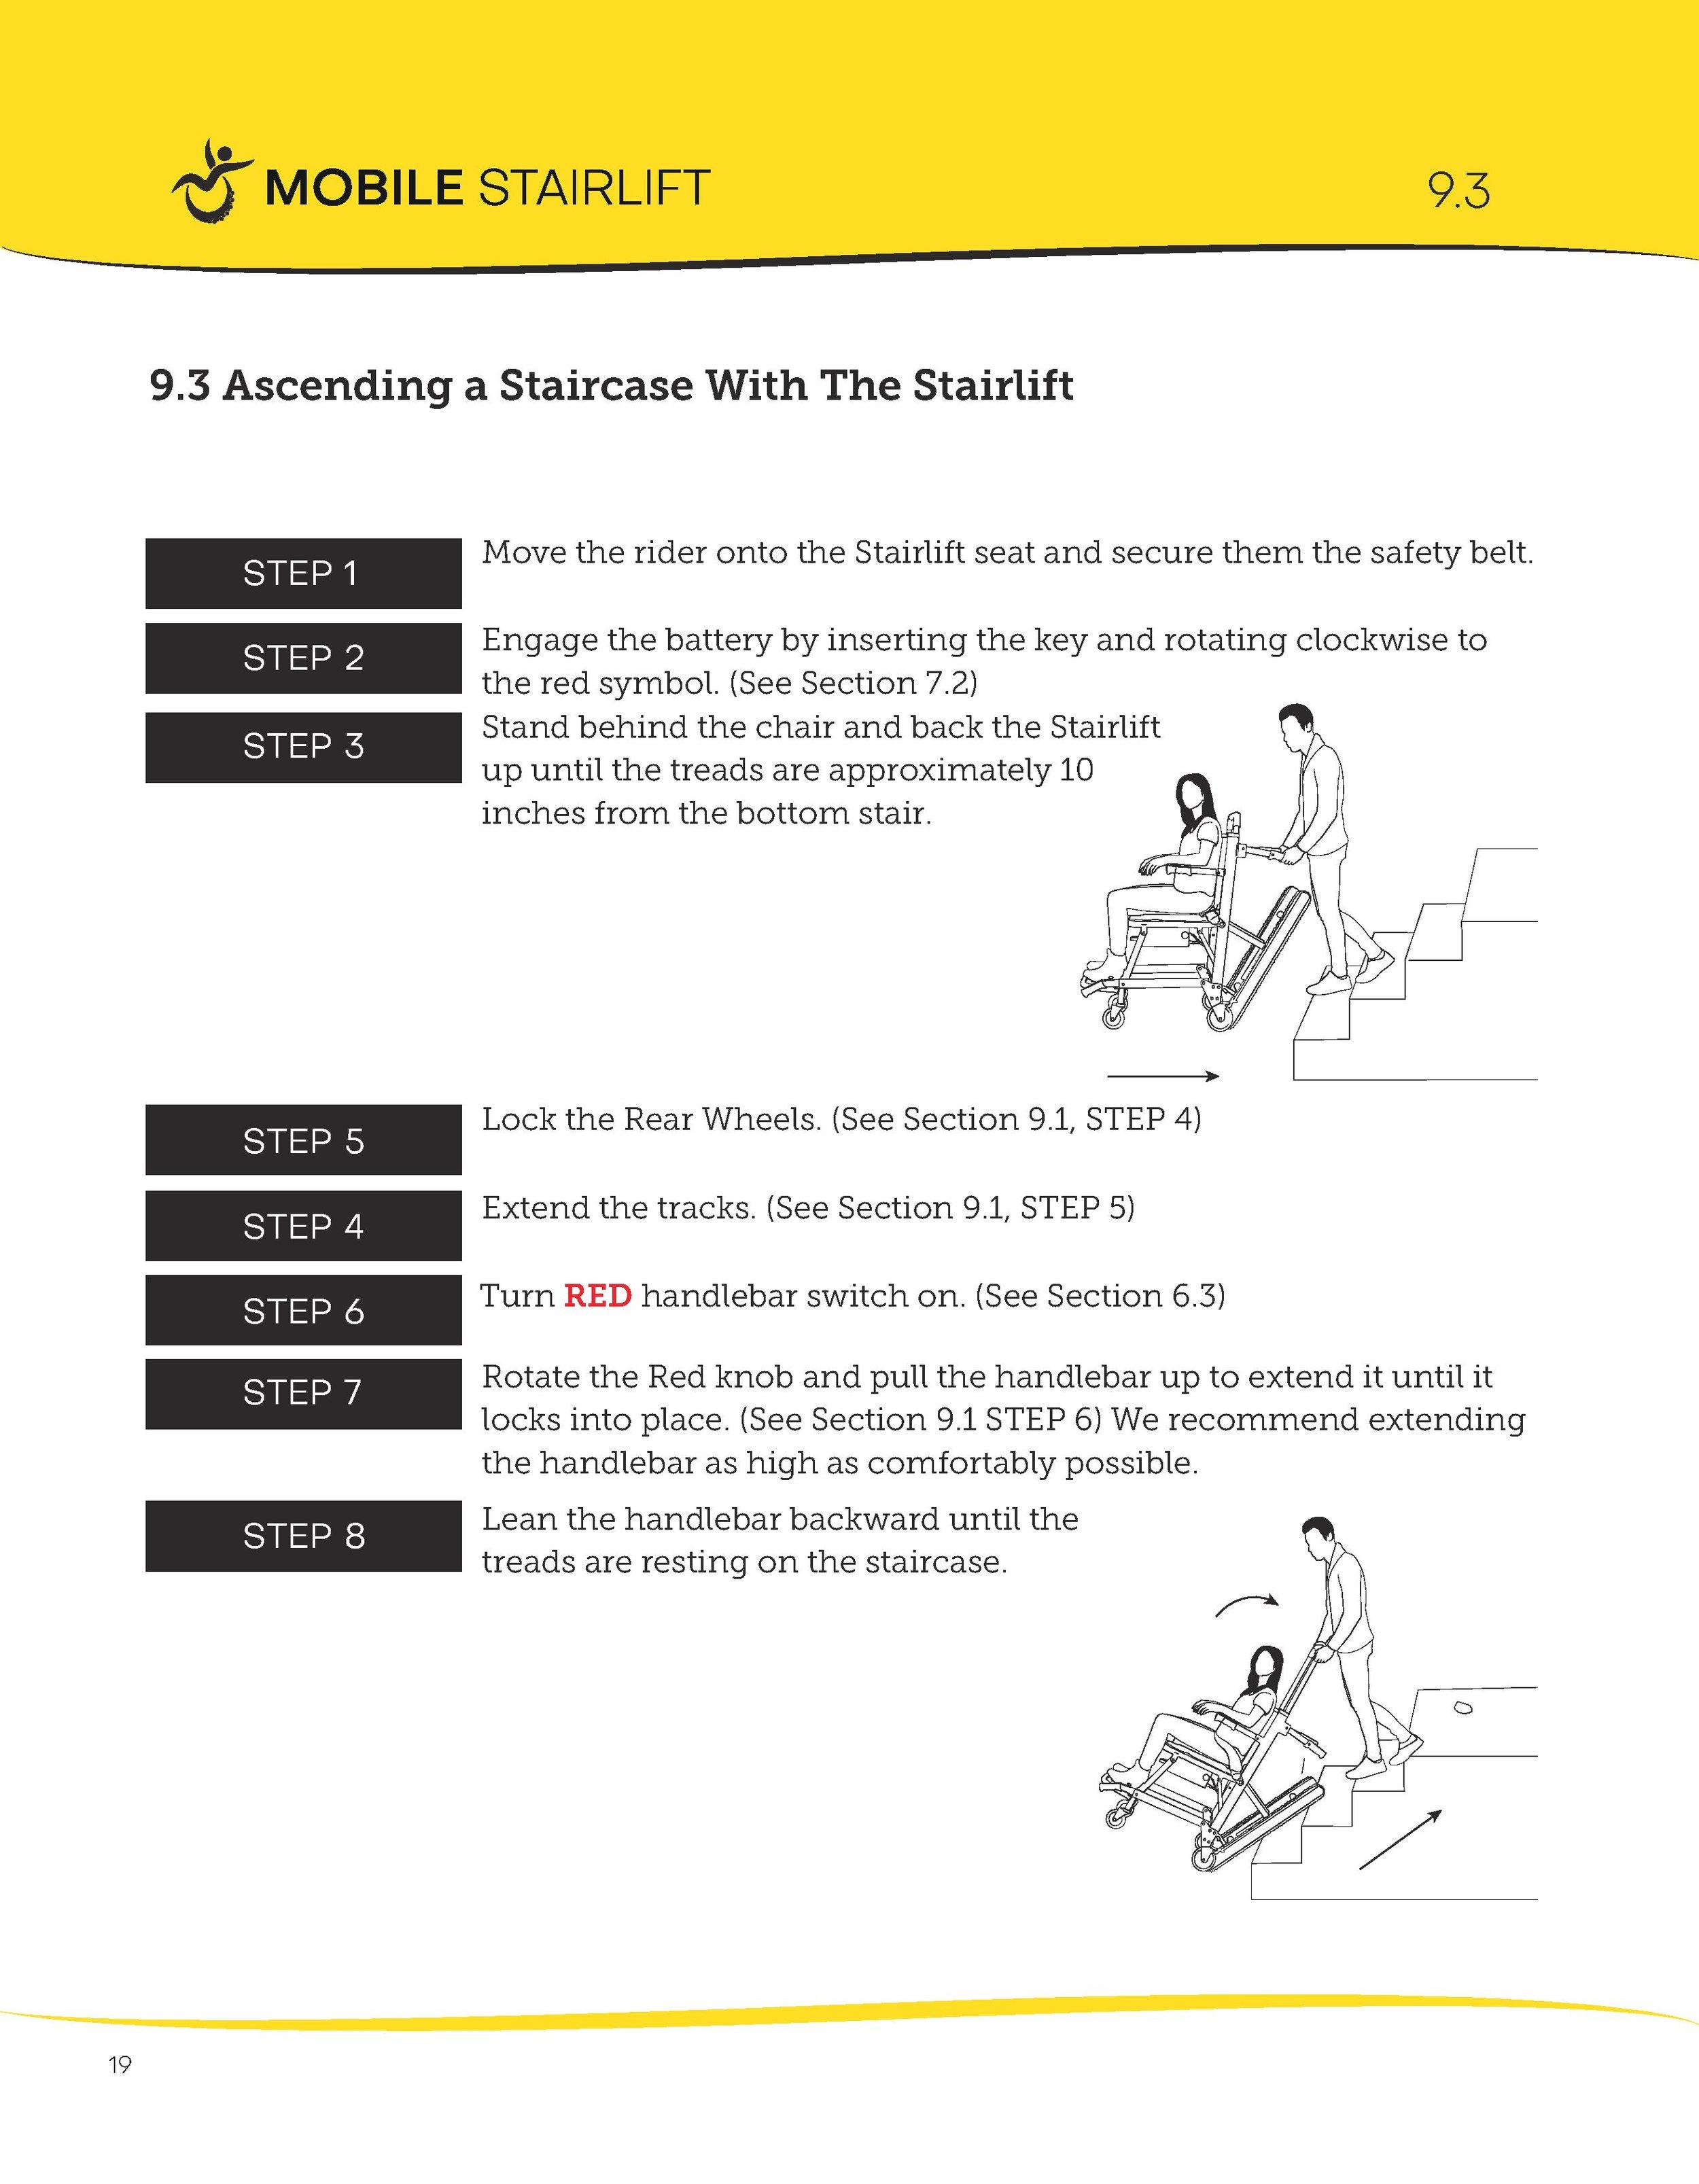 Mobile Stairlift Instruction Manual-20.jpg